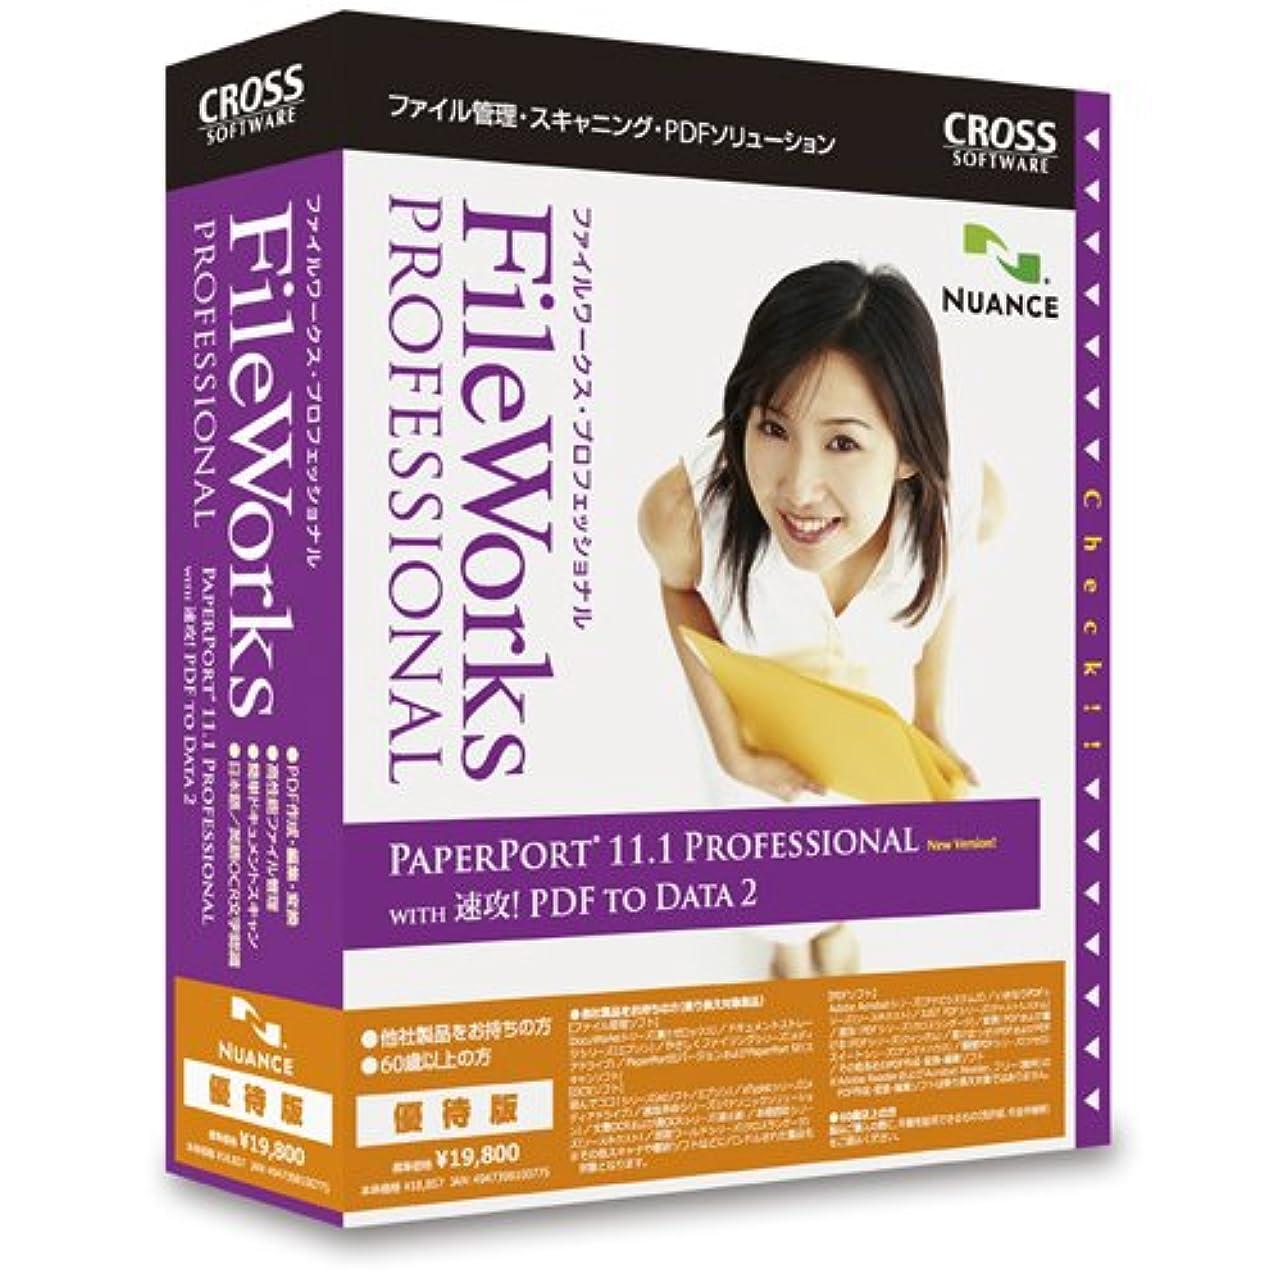 有効熱心気配りのあるFileWorks Professional (PaperPort 11.1 Professional) 優待版